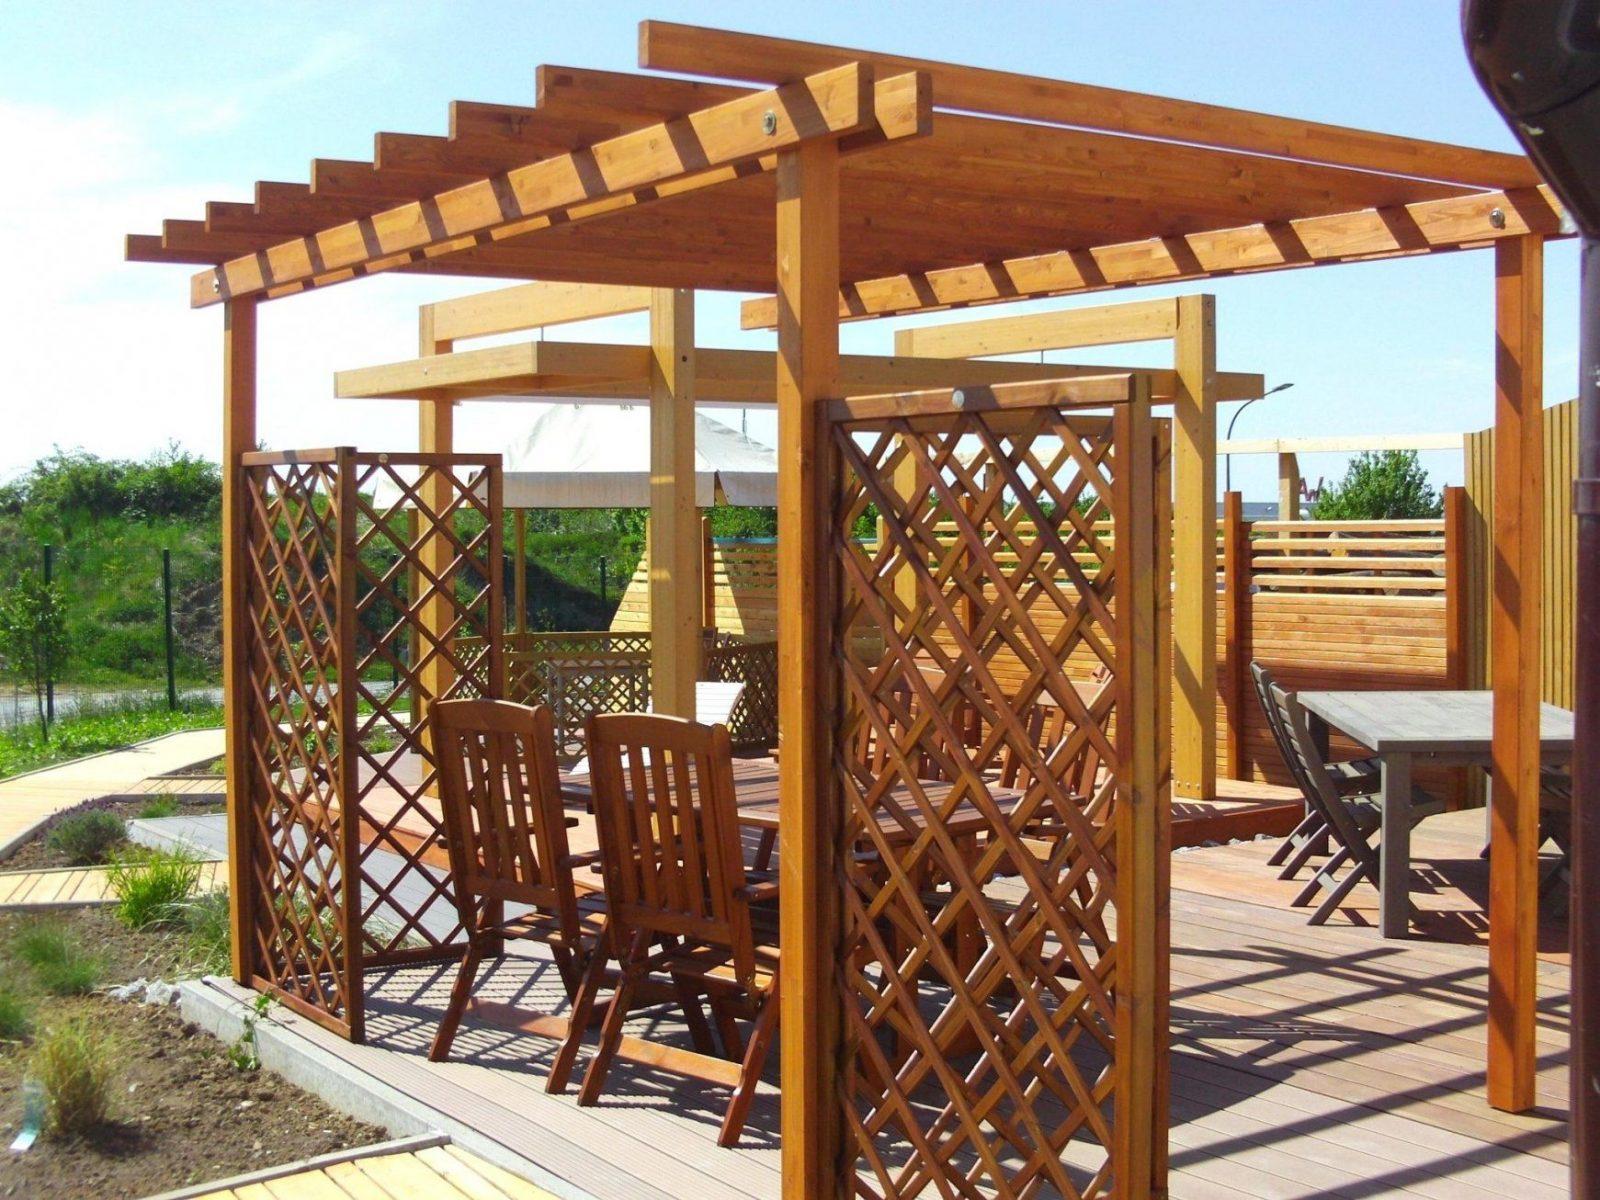 Pergola Bausatz Forst Und Holz Dienstleistungen Selbsttragend von Pergola Bausatz Freistehend Holz Bild